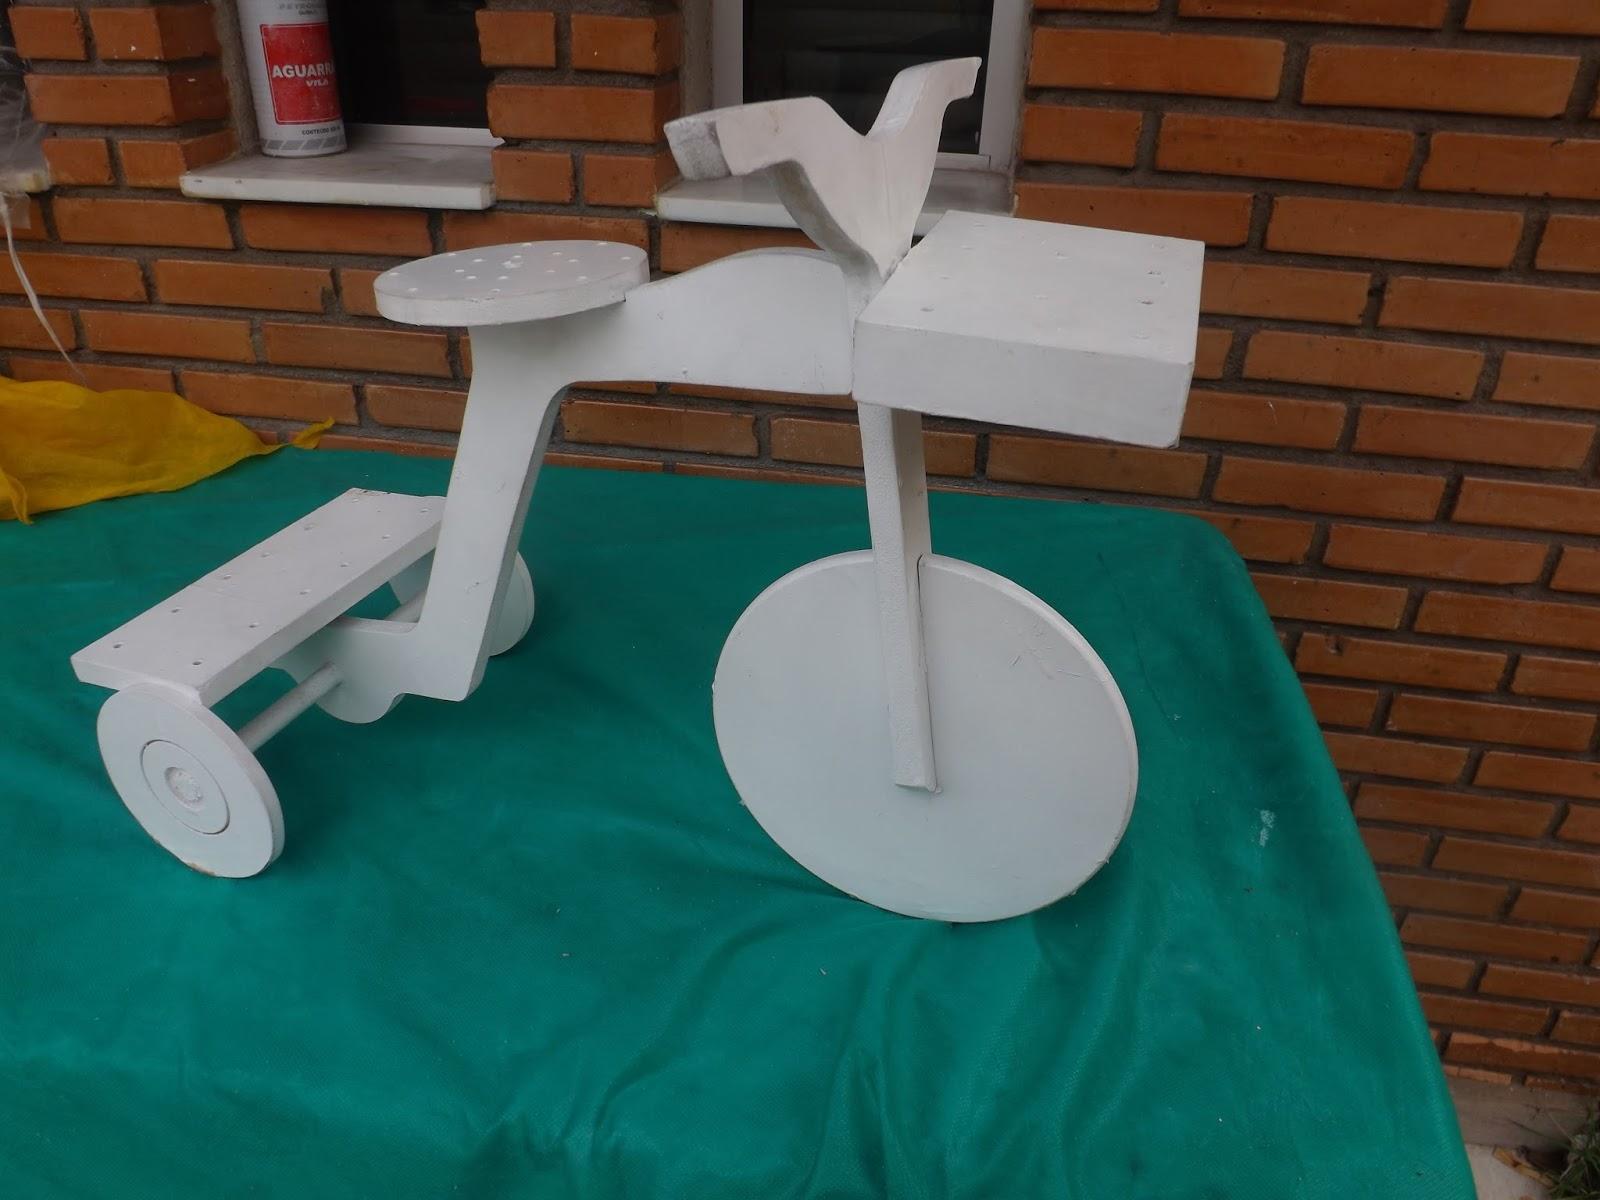 #03645F sintetica decorativa belo horizonte: Belo Horizonte Contagem Betim e  1208 Portas E Janelas De Pvc Belo Horizonte